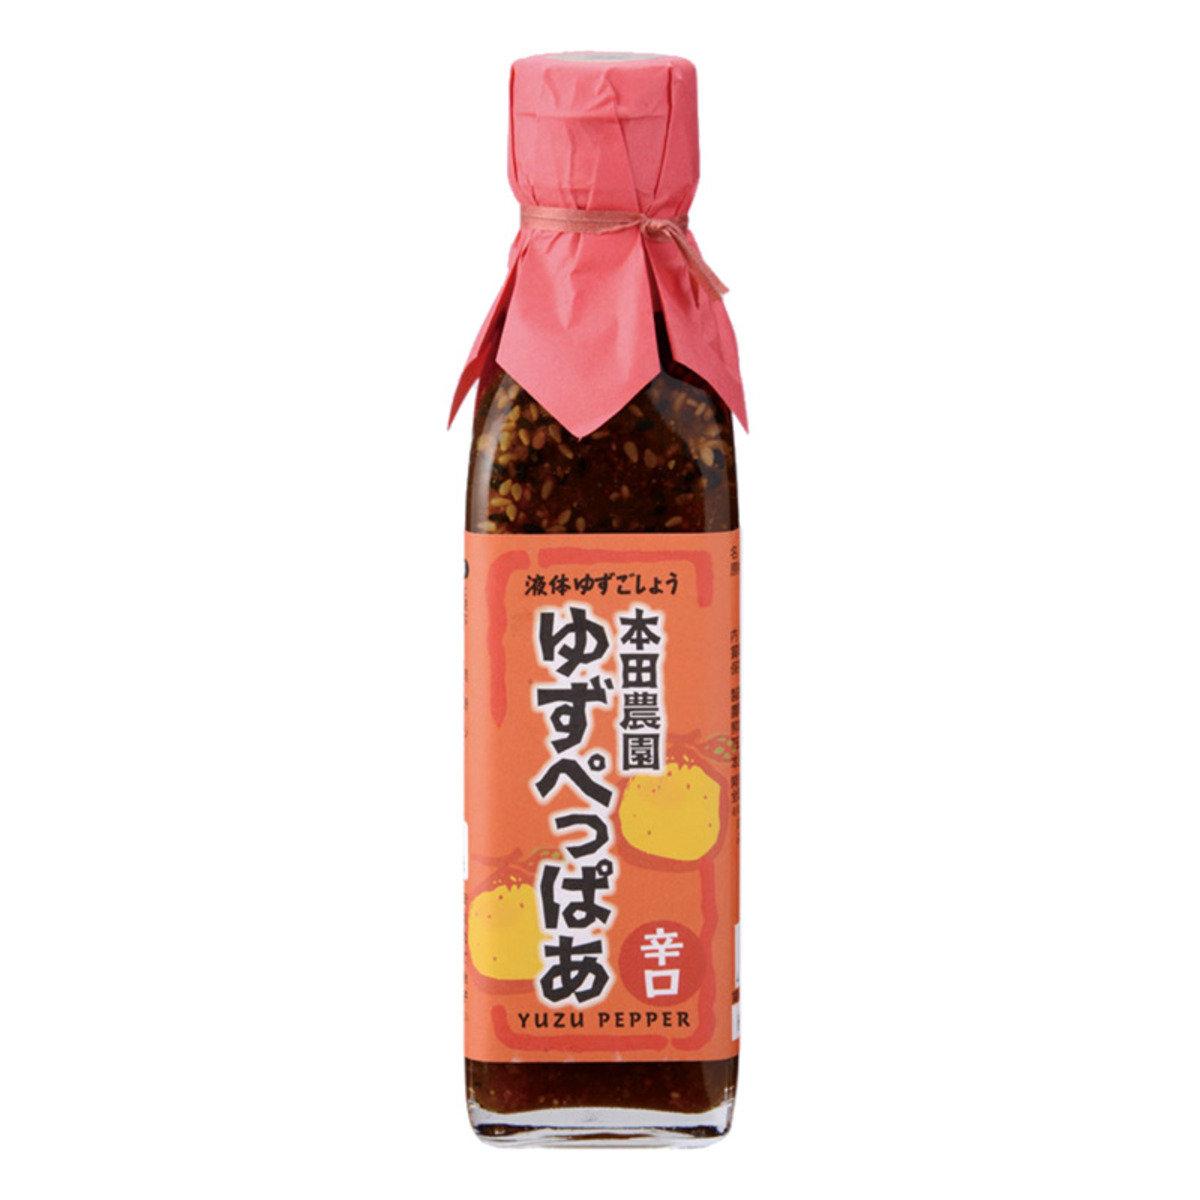 柚子胡椒醬 (辛口/200毫升)